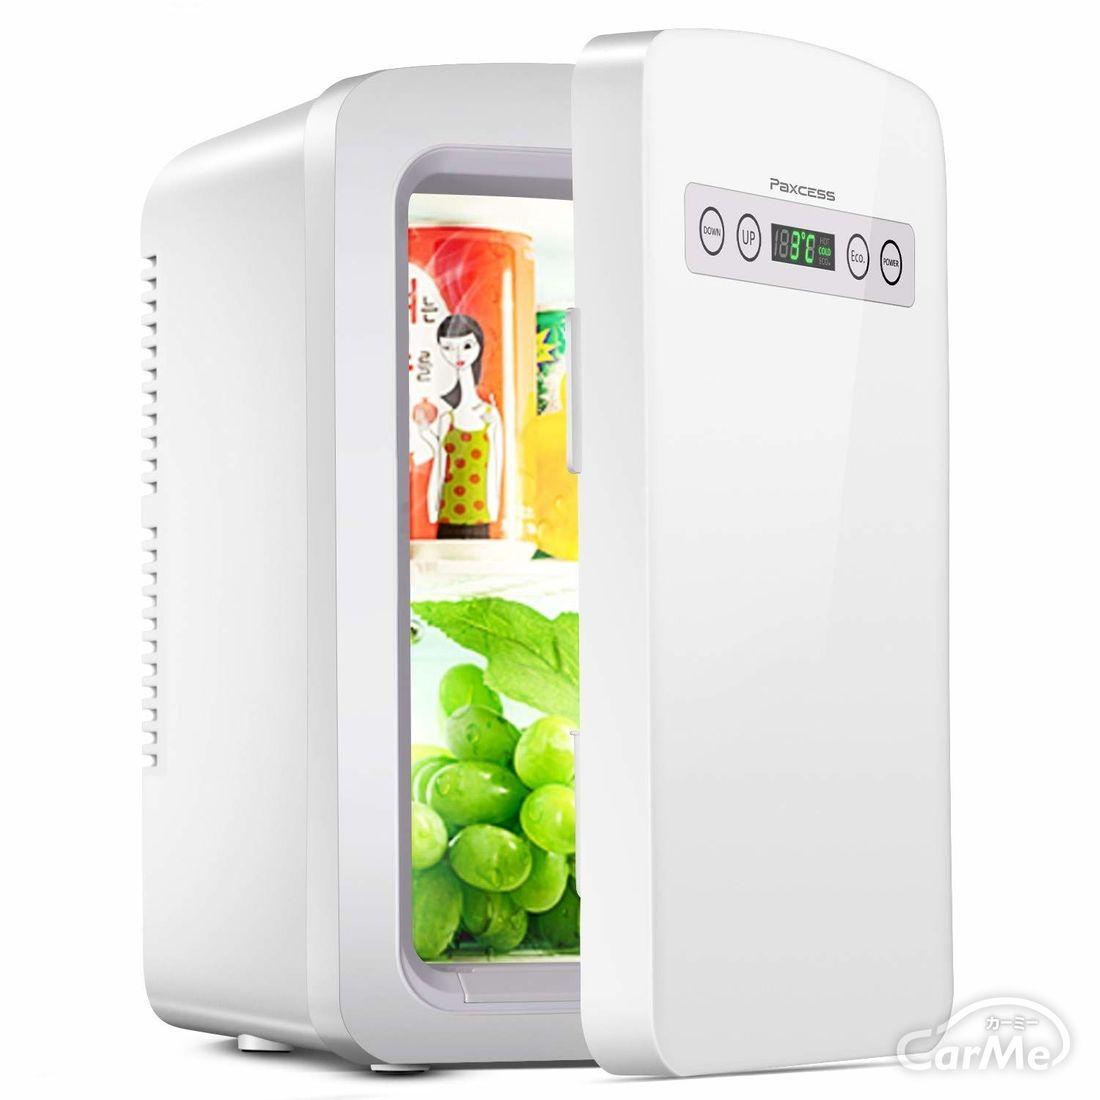 ポータブル冷蔵庫おすすめ15選!比較して冷蔵庫を選ぼう【2020年版】